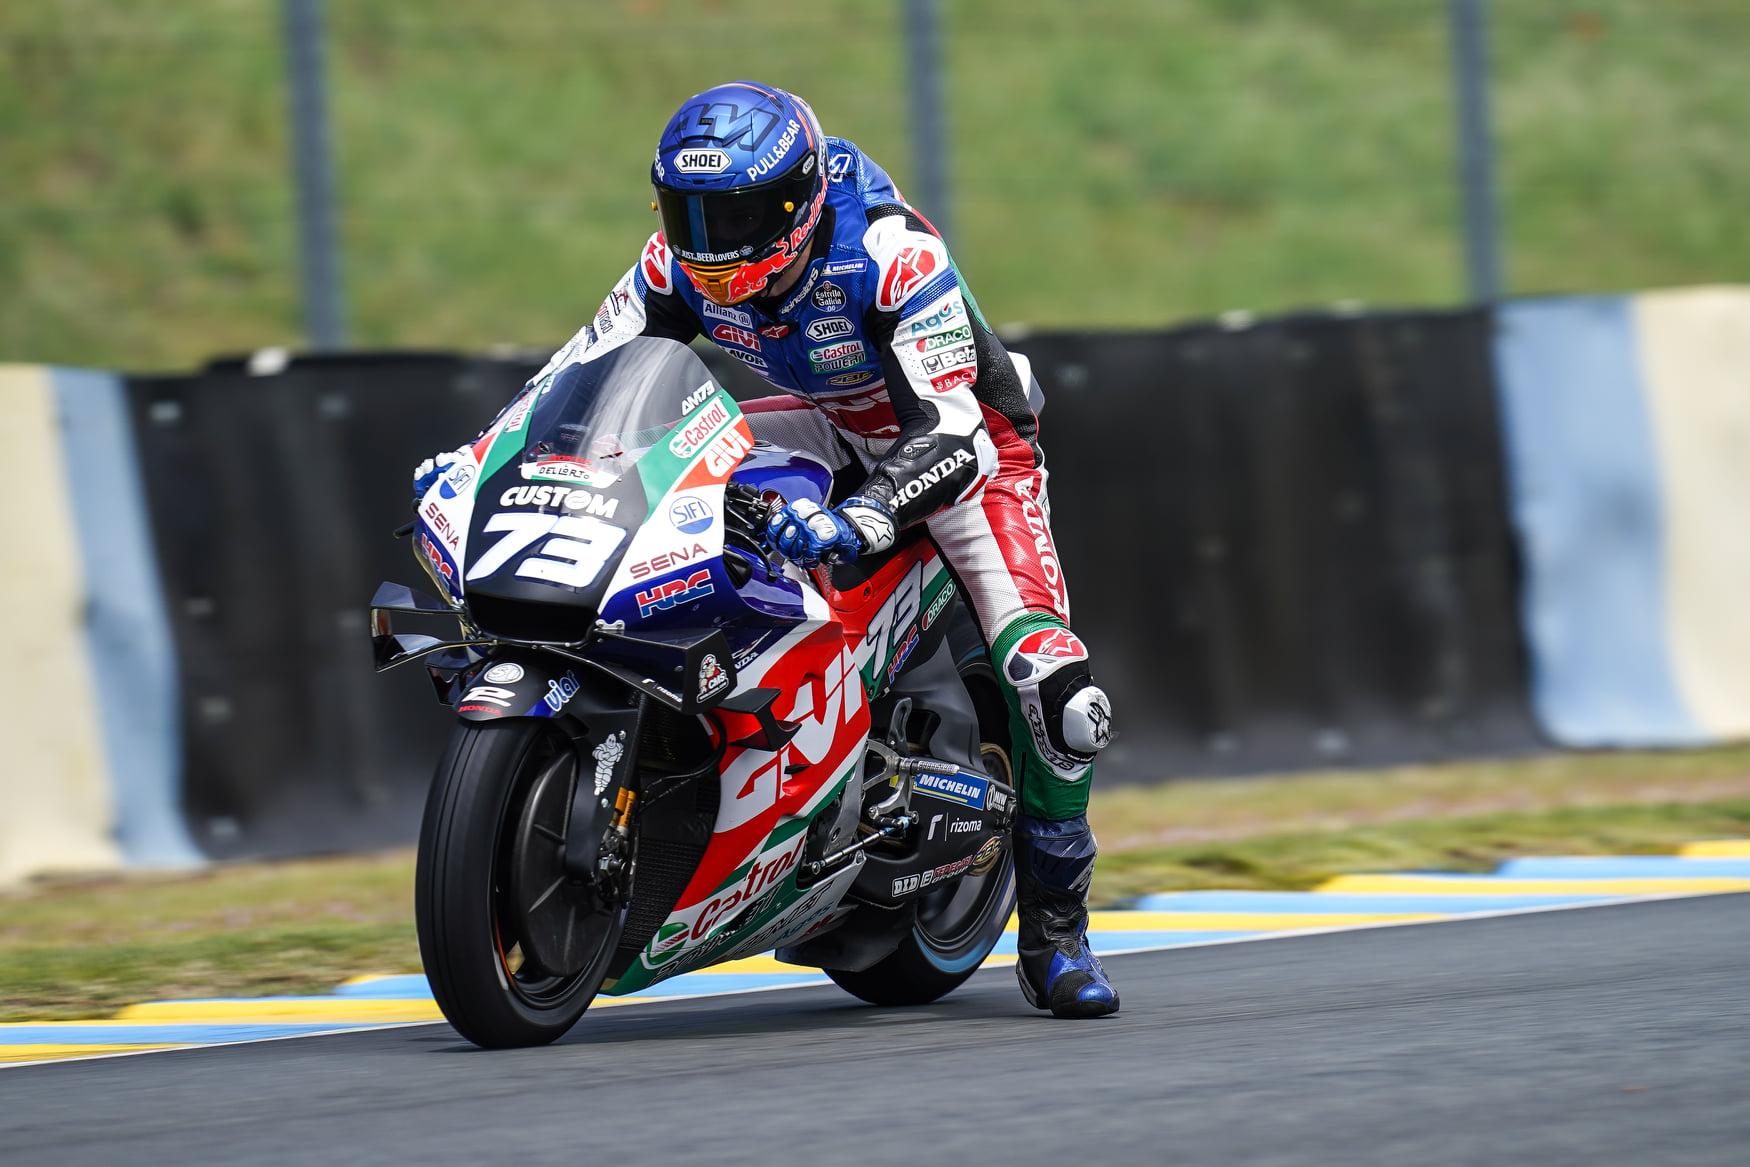 MotoGP2021 フランスGP アレックス・マルケス「ウェットコンディションでポジションを回復出来た」